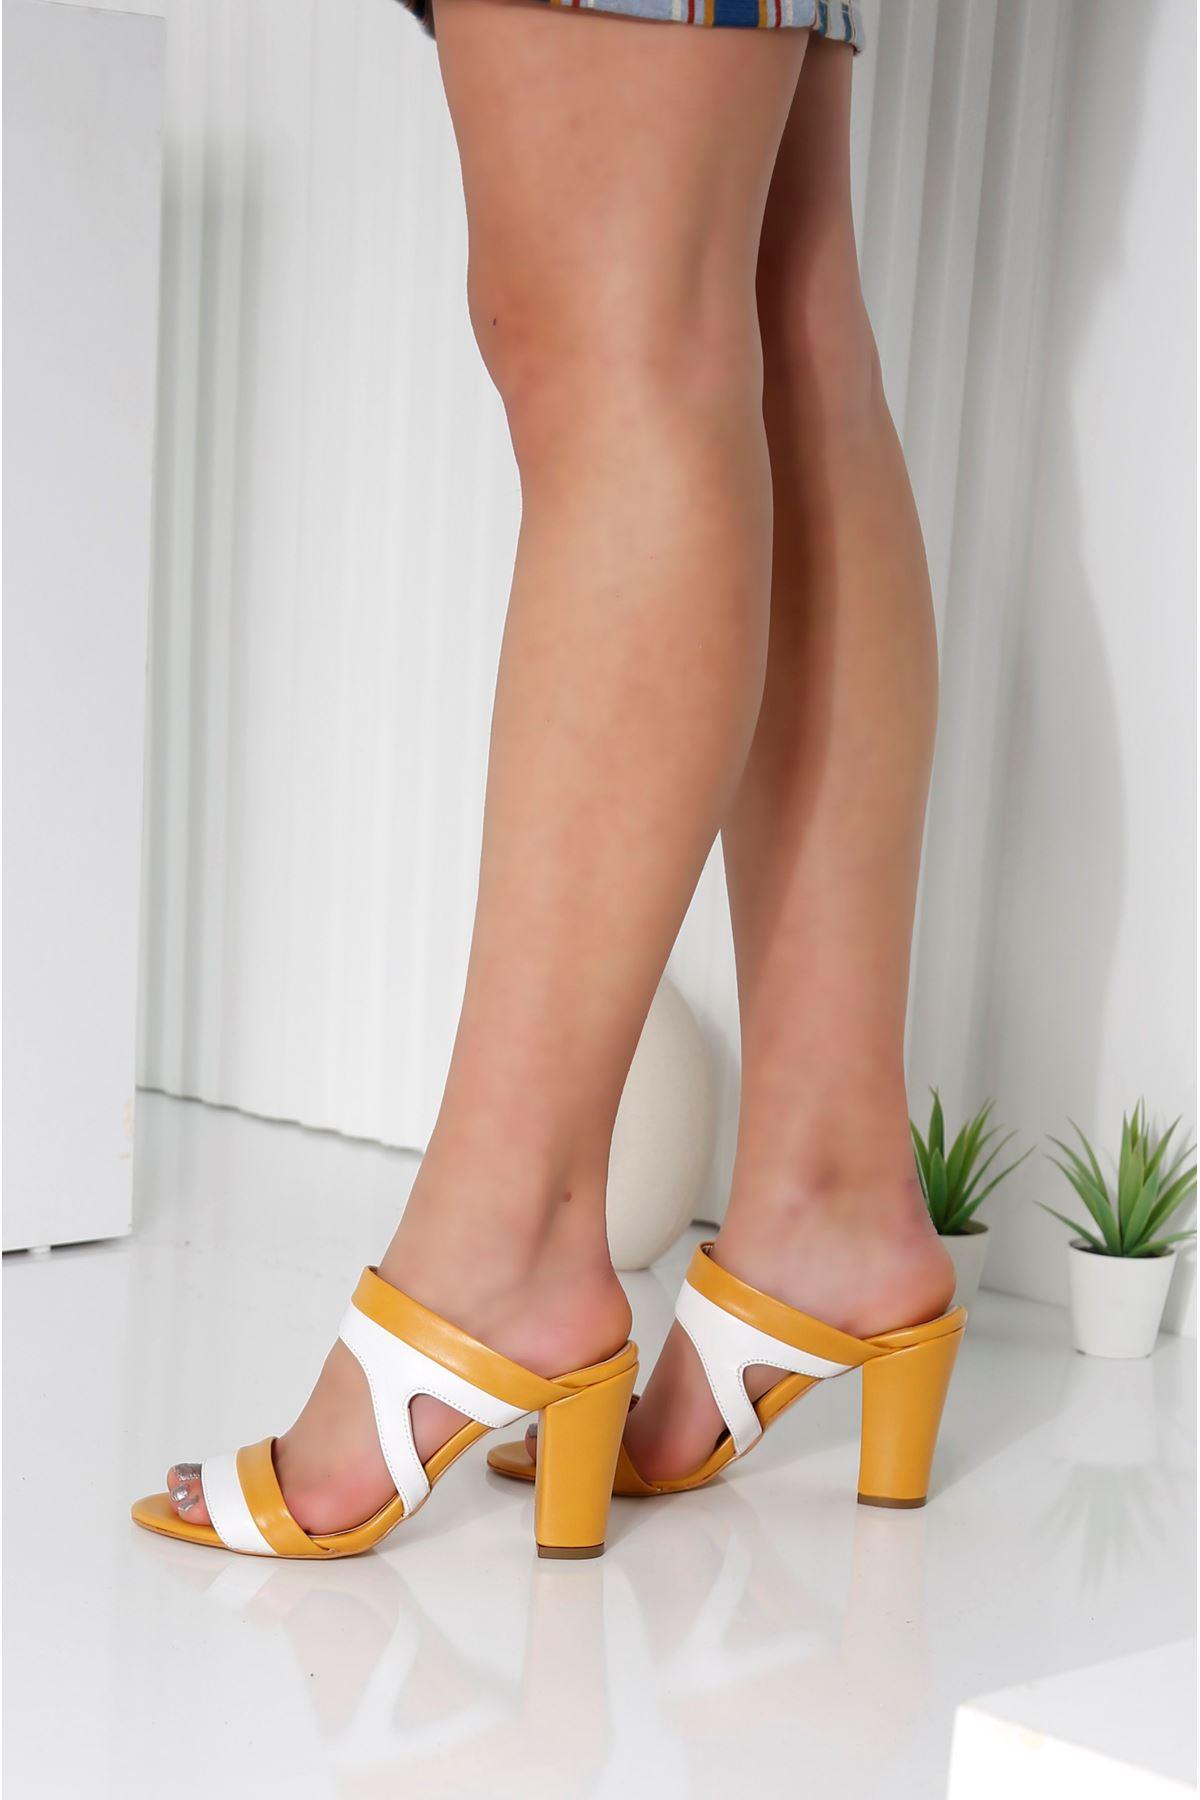 EDINA Sarı Topuklu Kadın Terlik